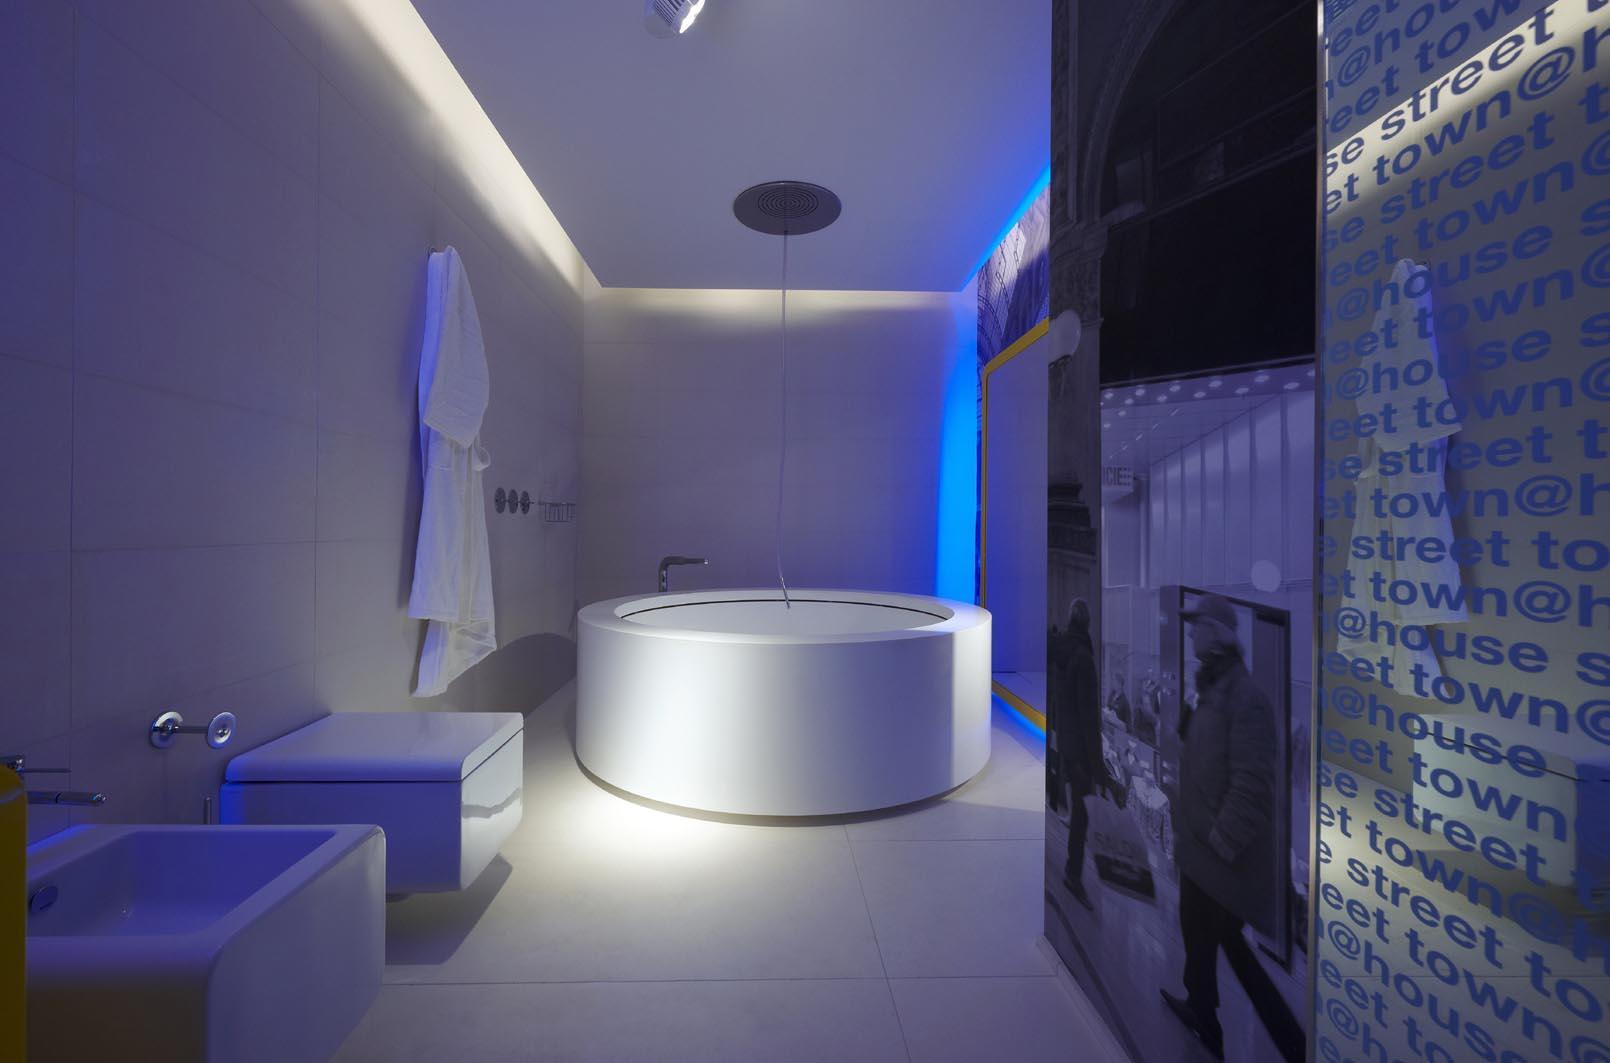 Необычная подсветка в ванной комнате в стиле хай-тек